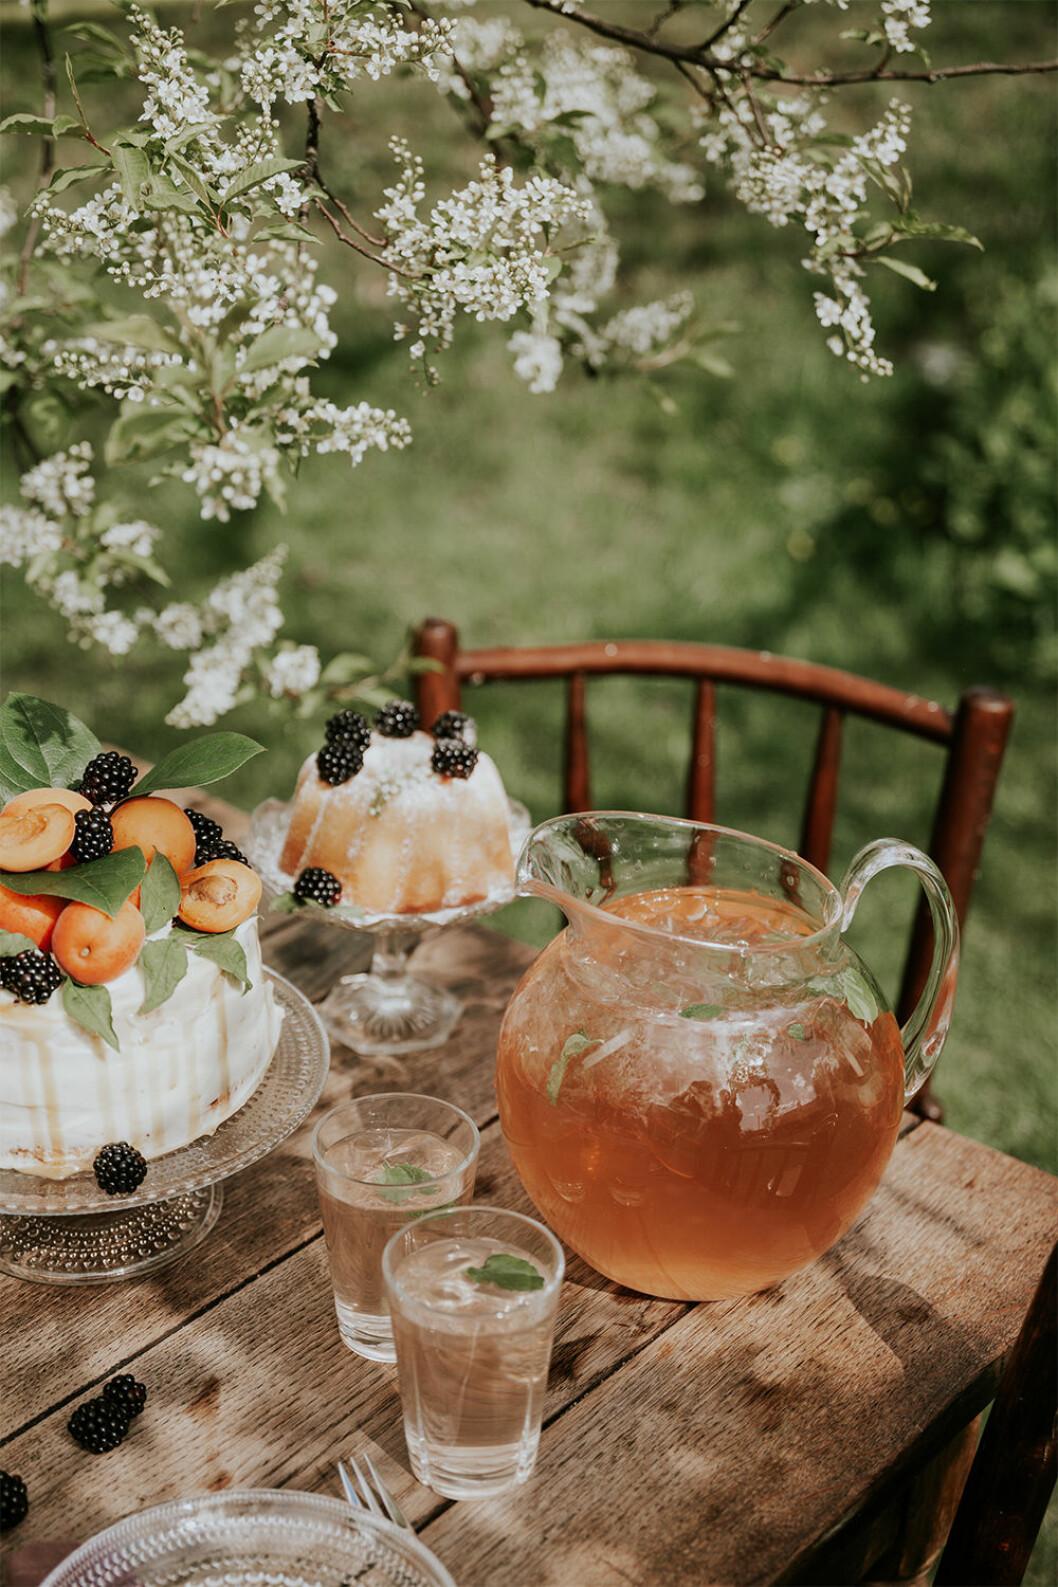 Stor kanna på dukat bord utomhus för fest på sommaren